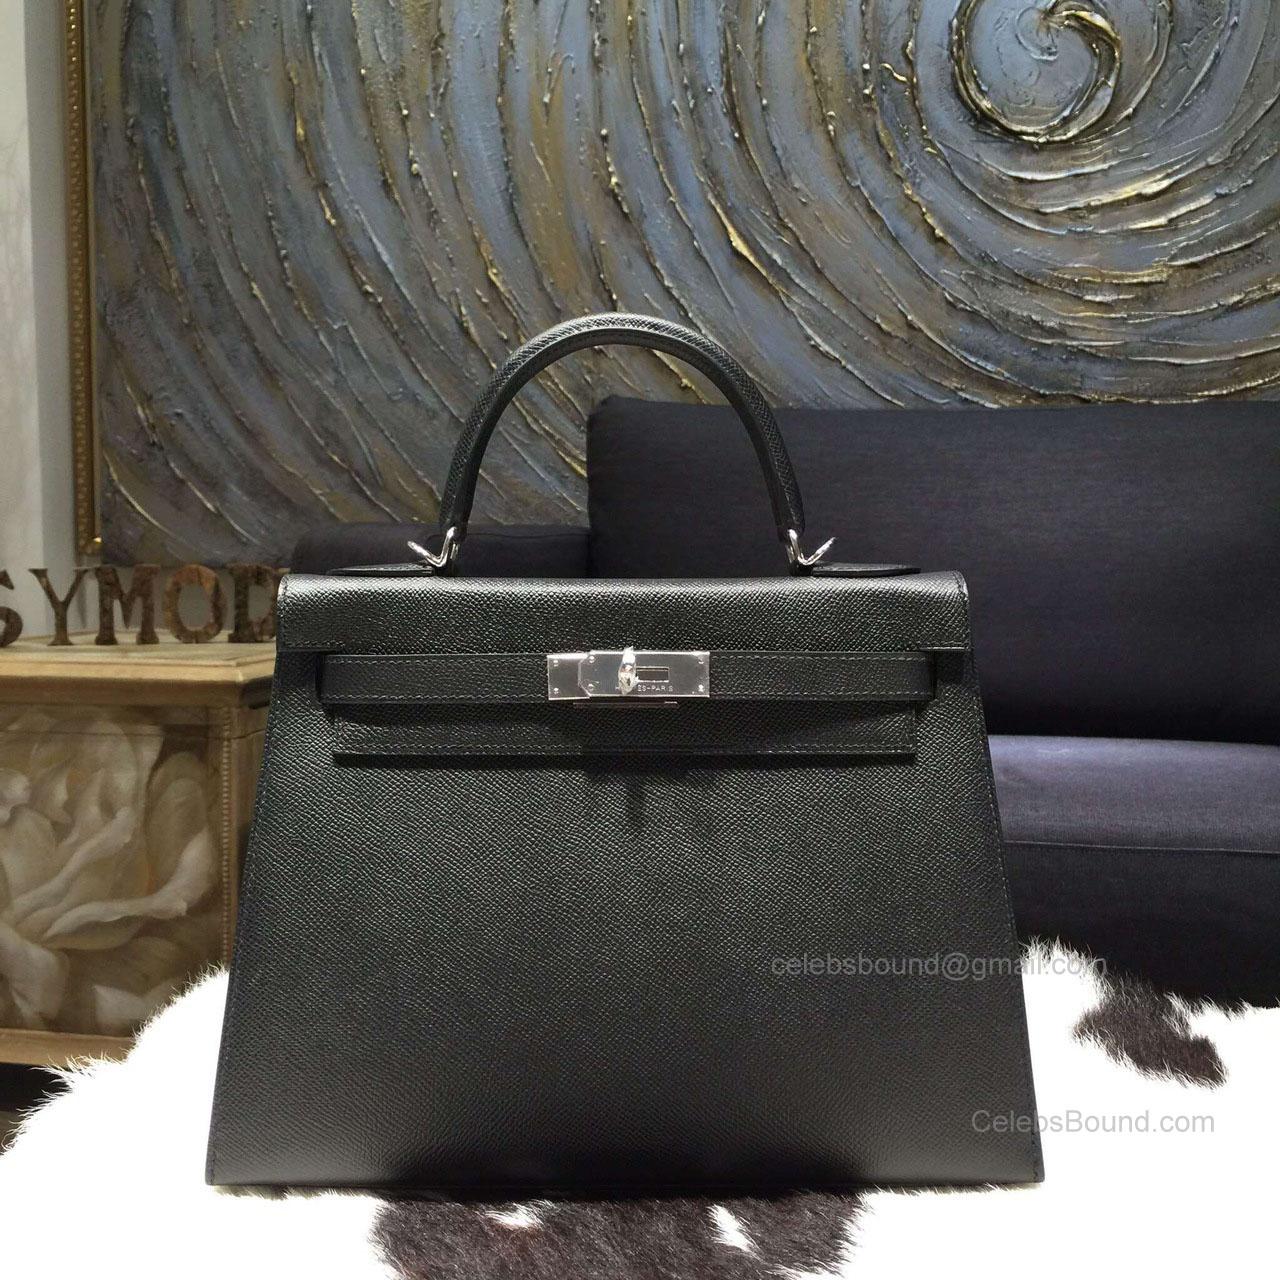 d2b31f60f8e5 Hermes Kelly 32 Bag Black Epsom Leather Handstitched Silver hw